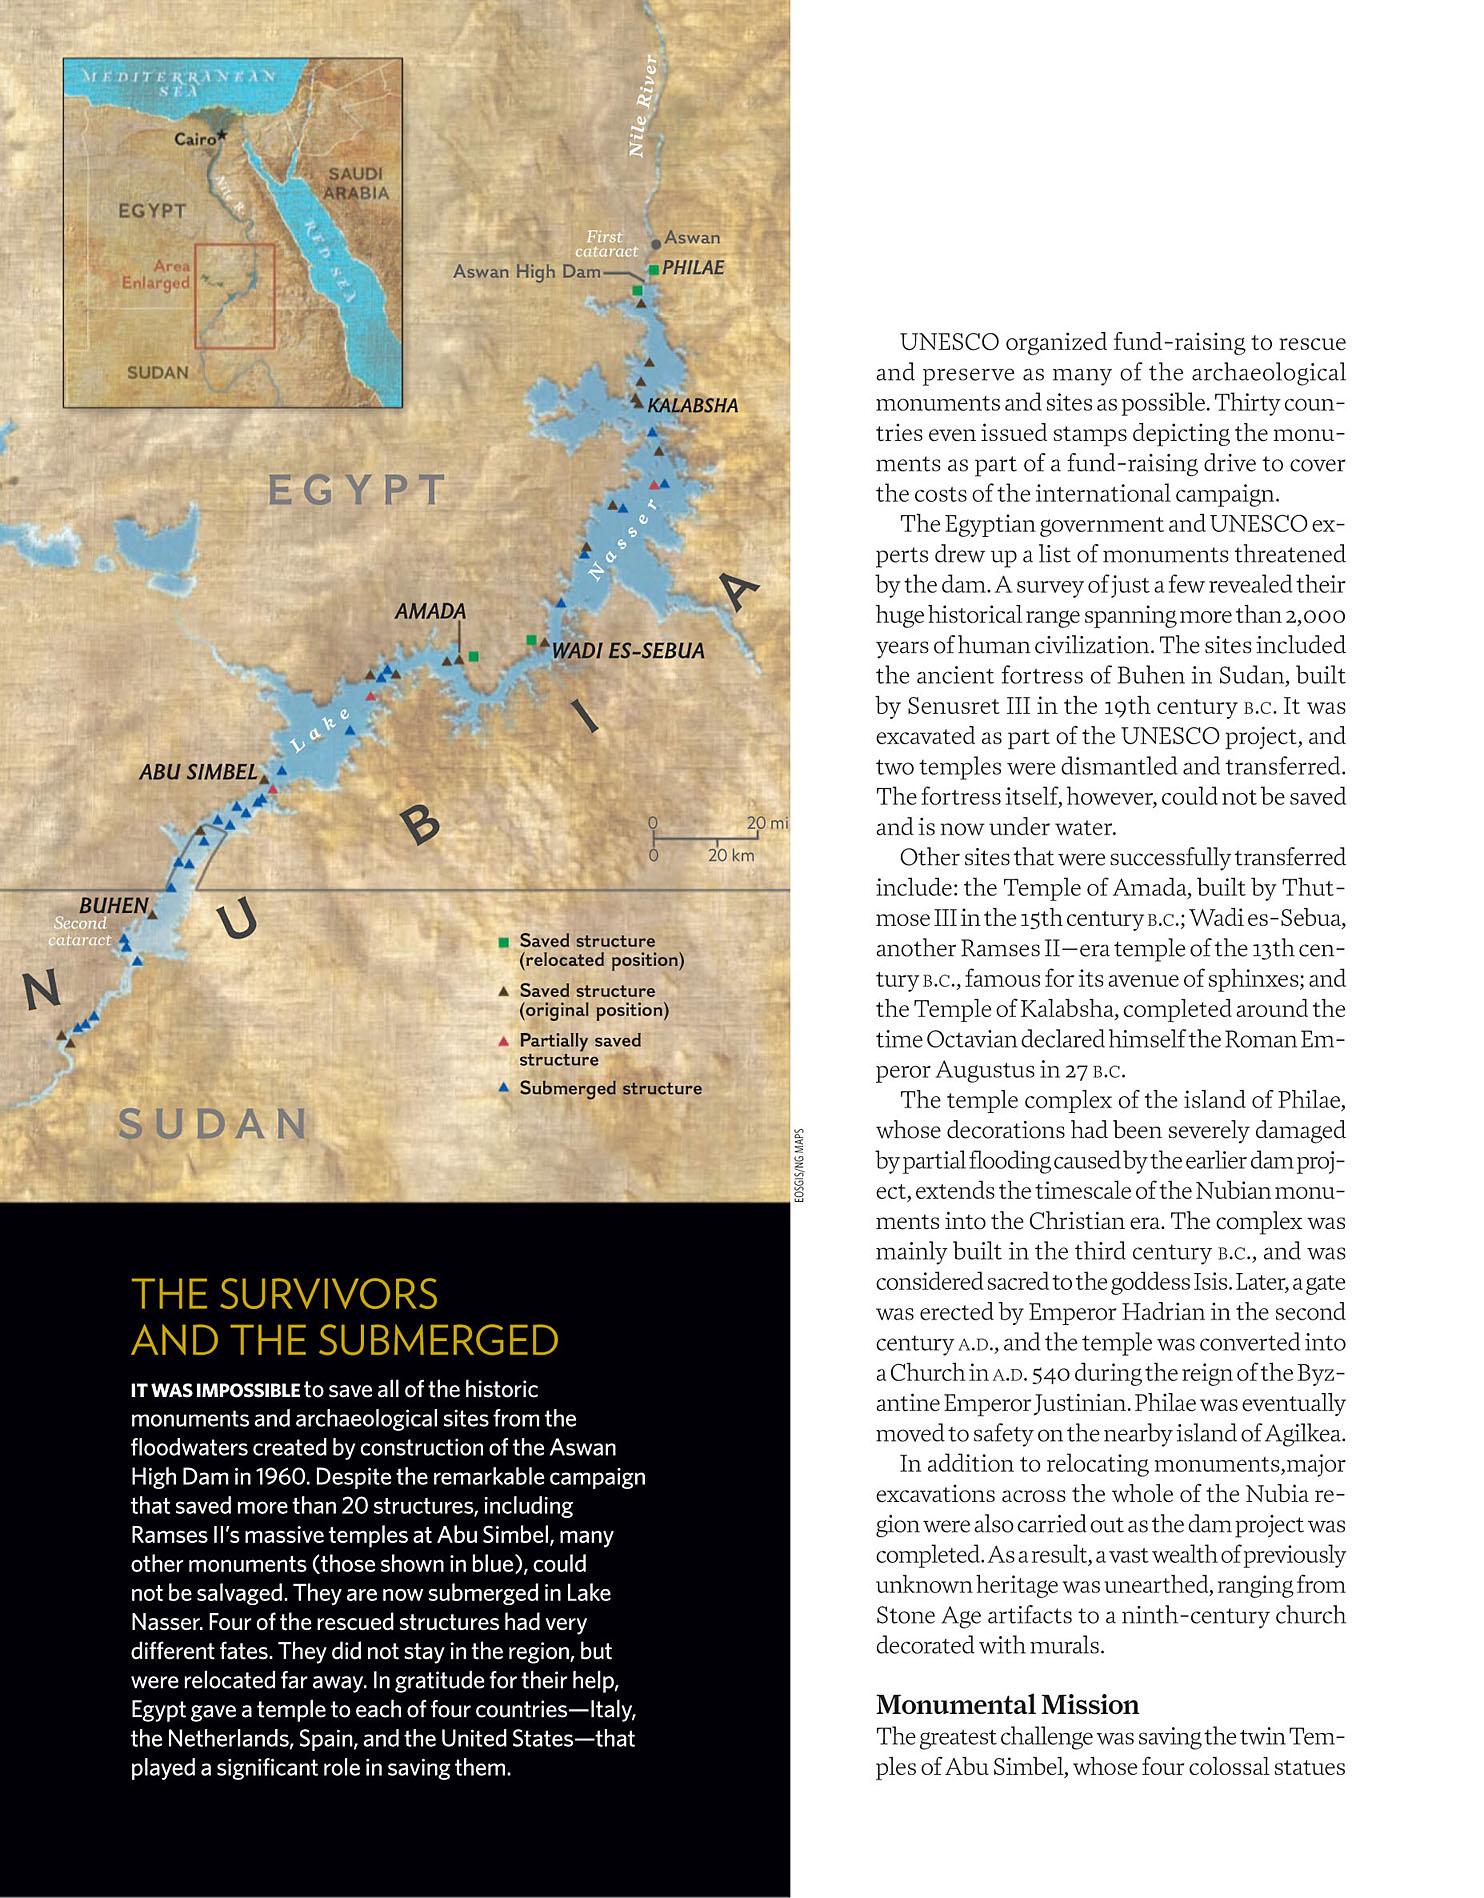 NG History 2019-07-08 Egypt 03.jpg